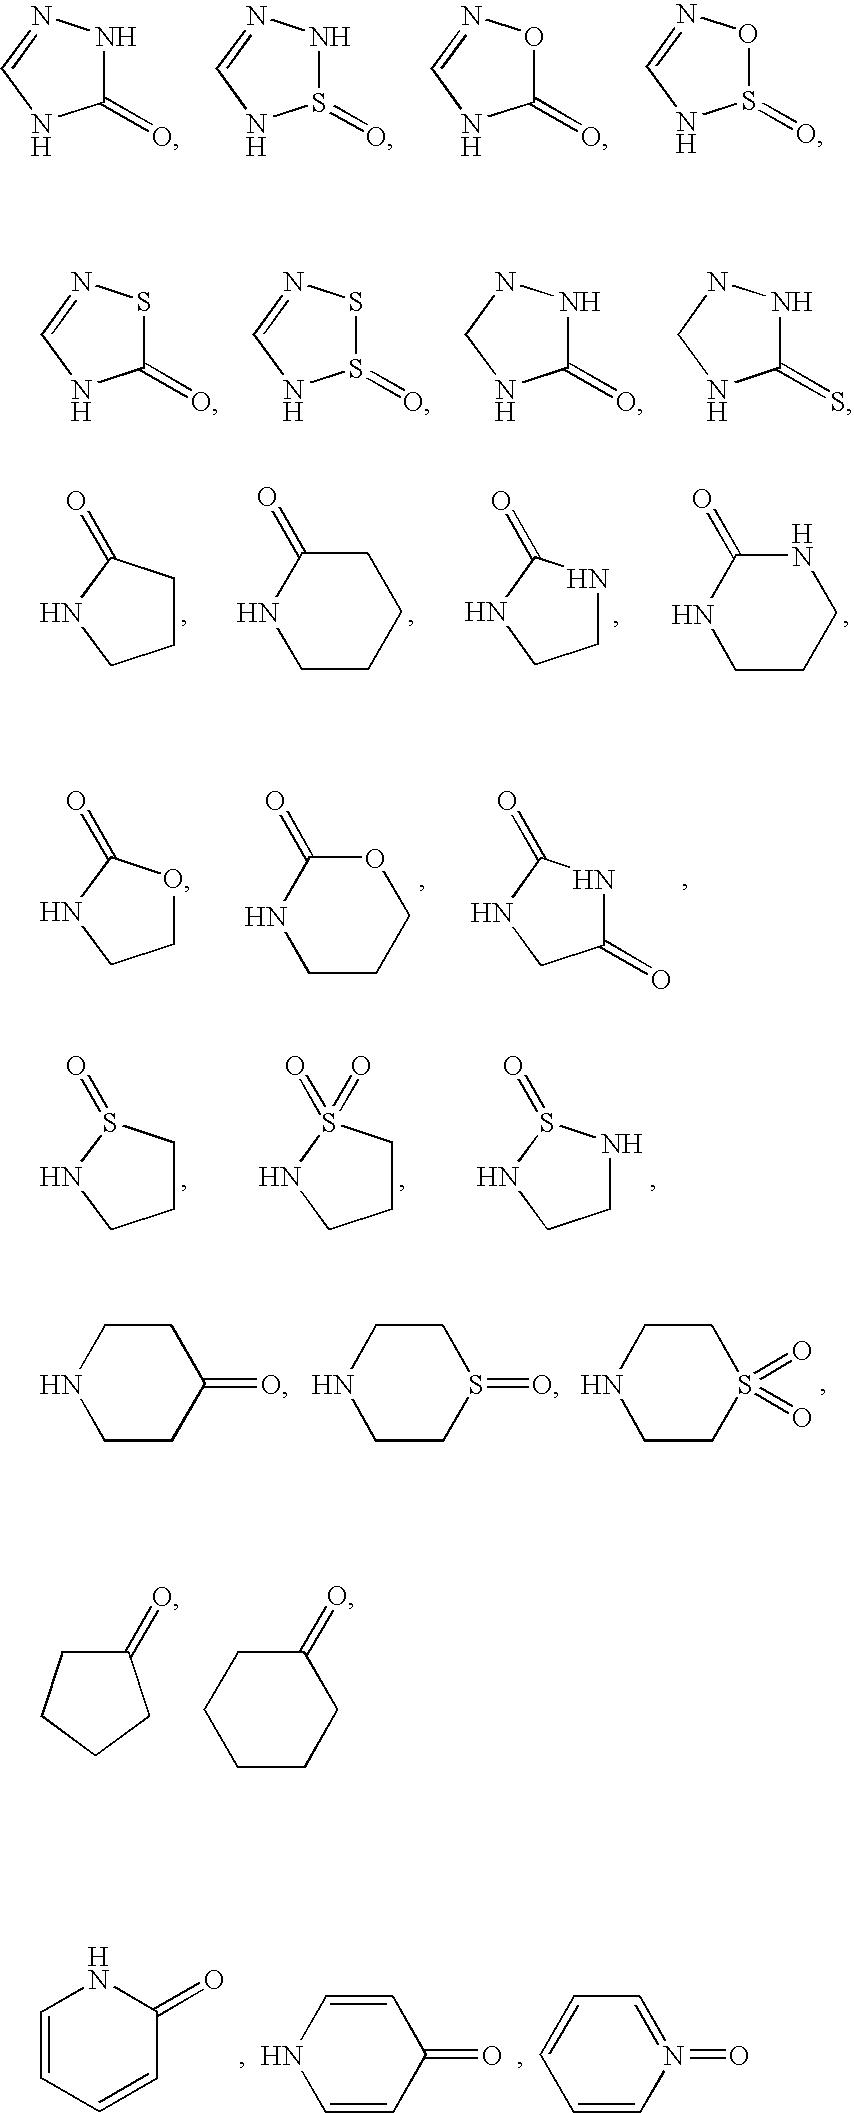 Figure US20070049593A1-20070301-C00049